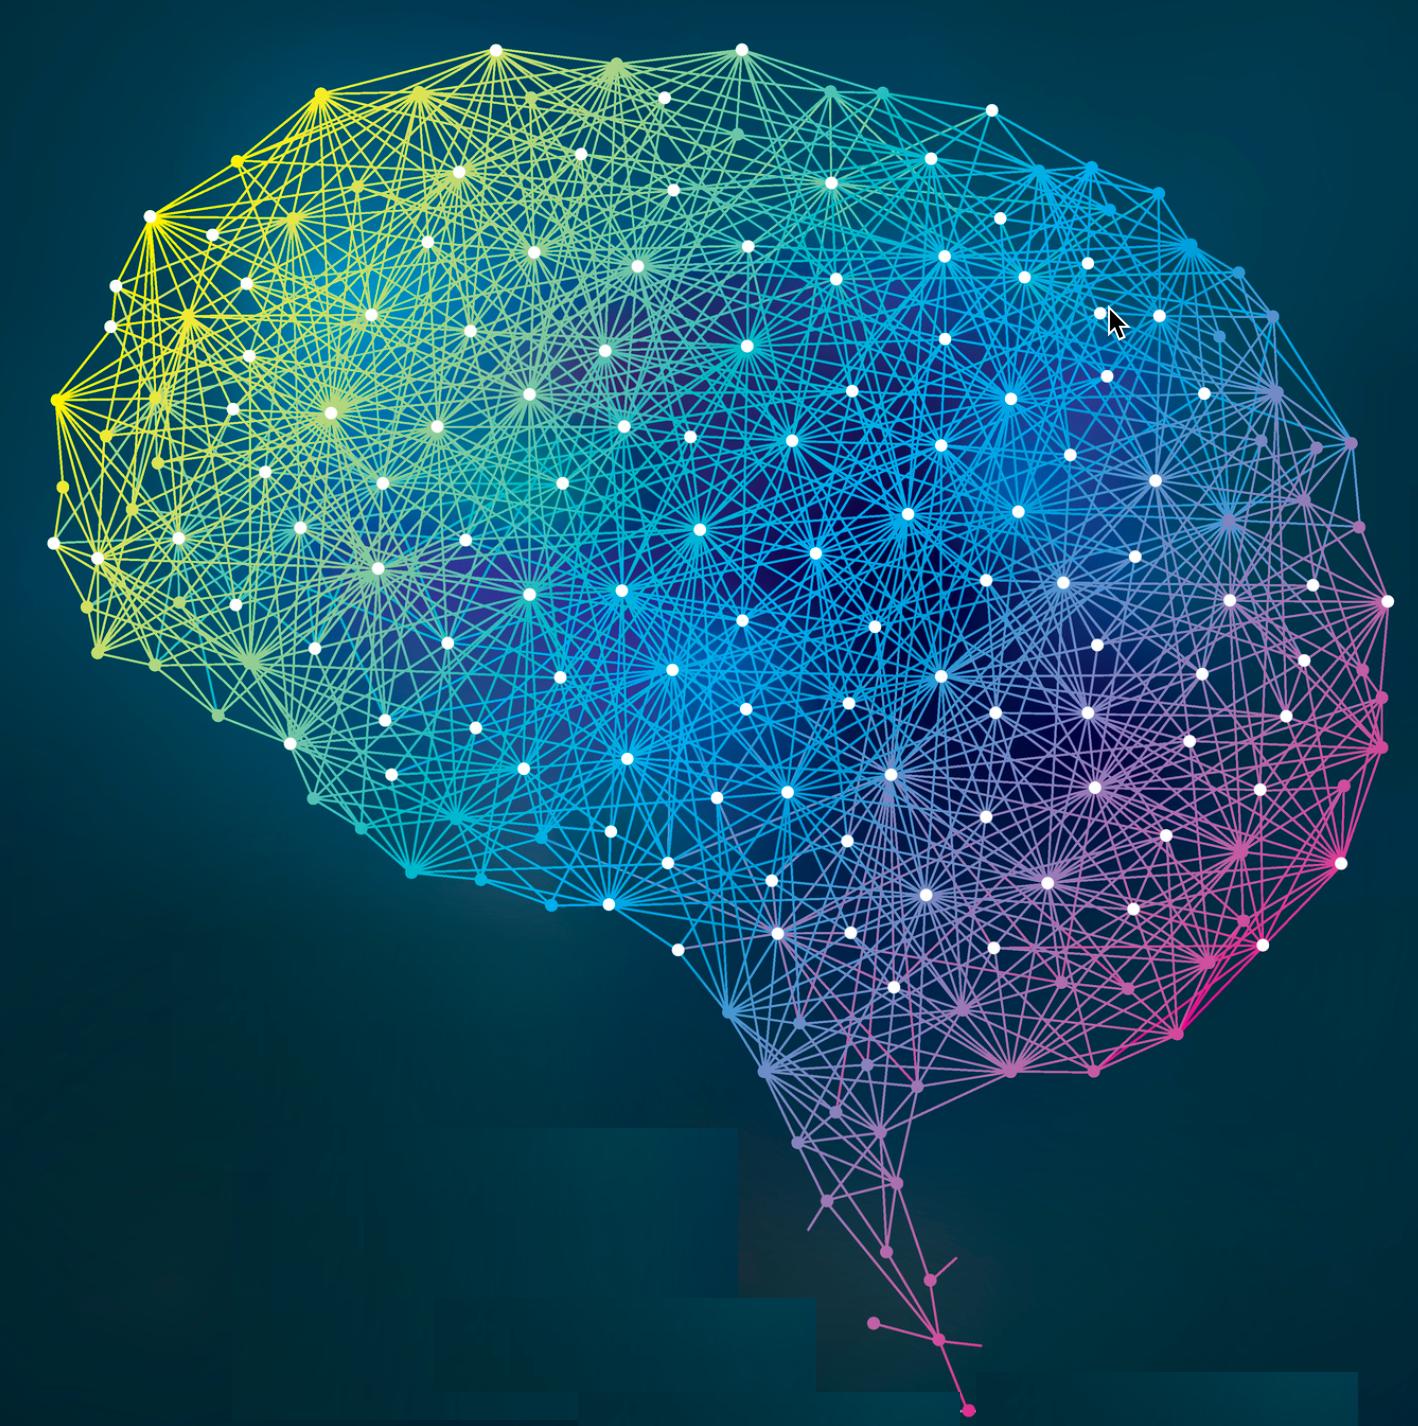 Новый алгоритм позволит симулировать нейронные связи целого мозга человека на будущих экзафлопных суперкомпьютерах - 1